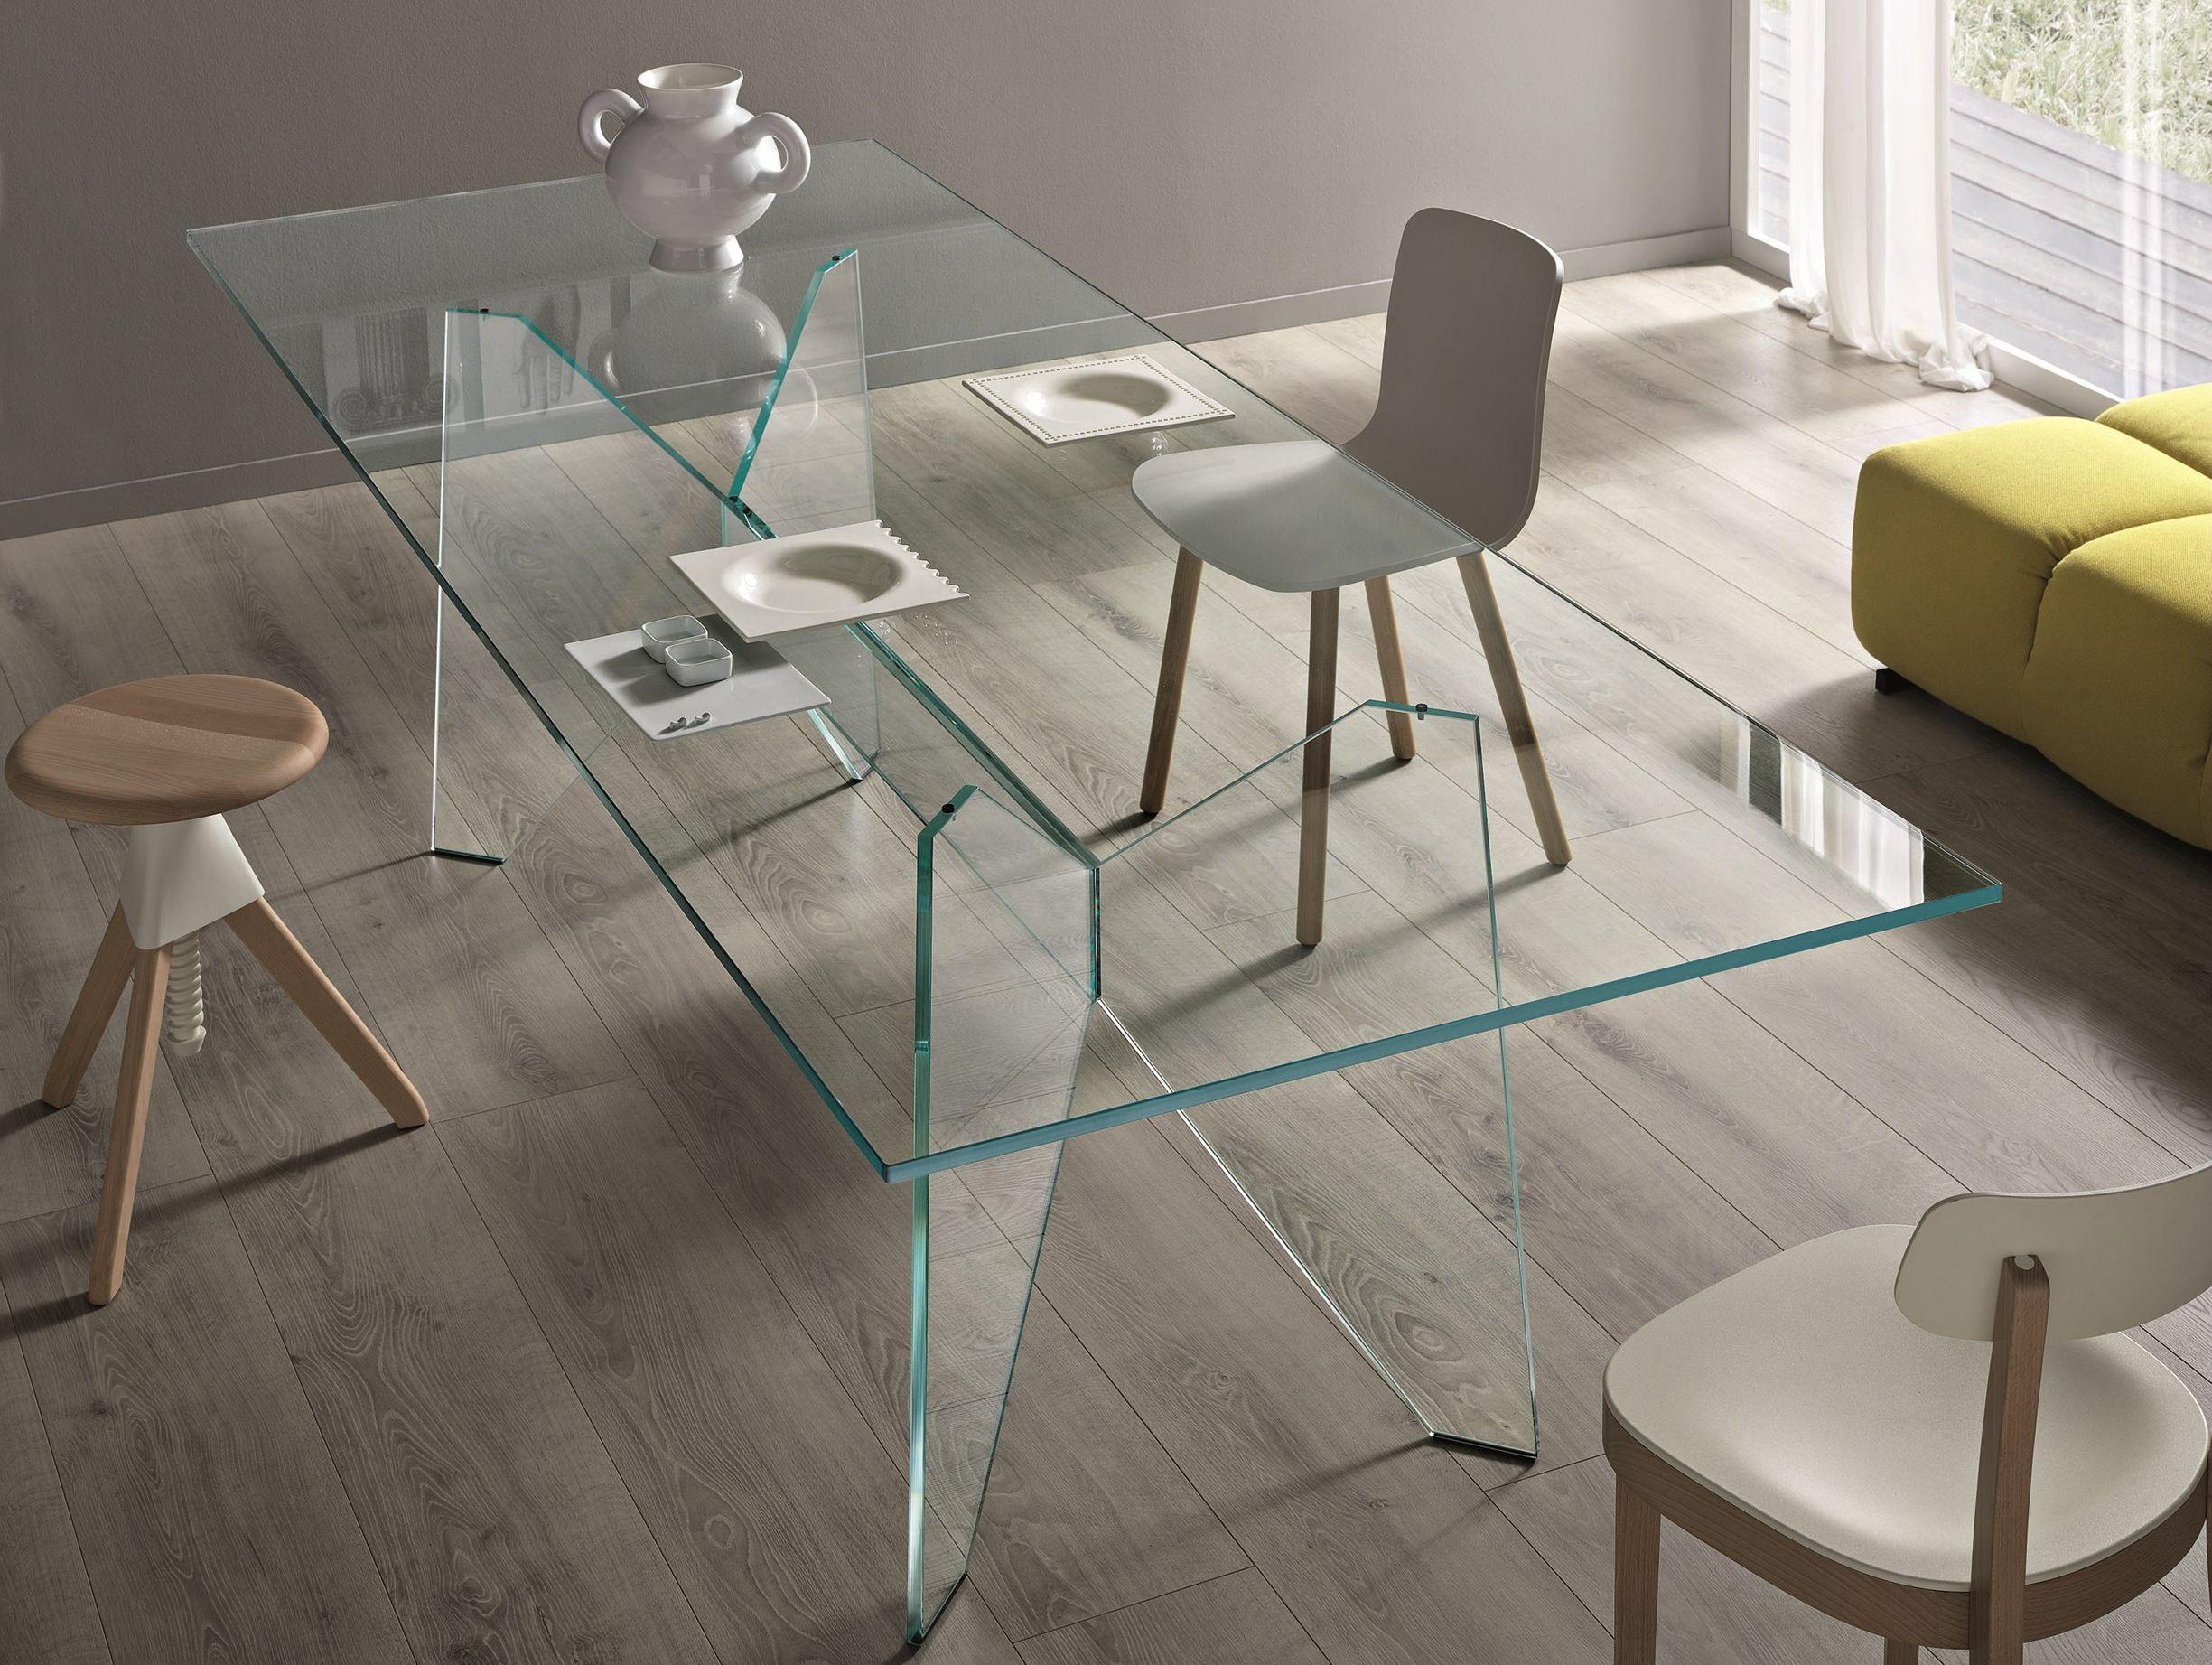 Dimensioni tavoli cucina amy tavolo caff di talenti - Dimensioni tavoli da pranzo ...